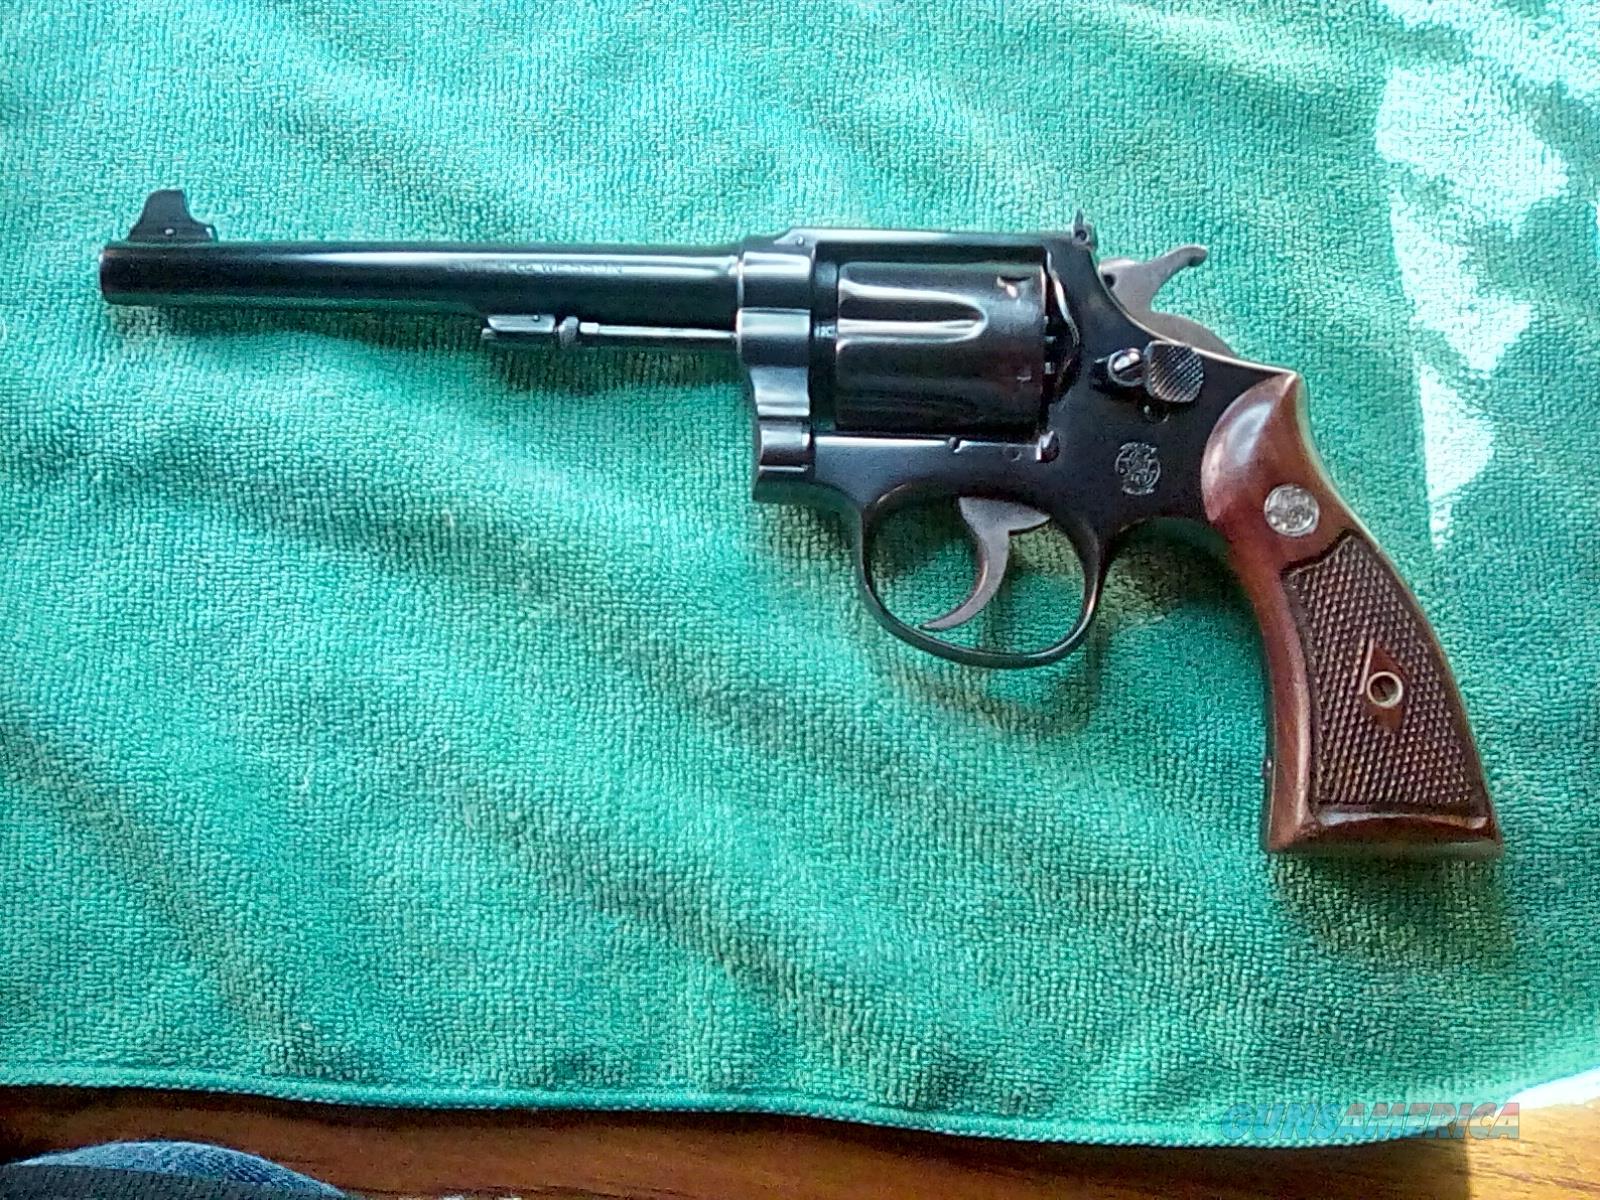 Pin revolver smith amp wesson 686 kaliber 357 magnum und mein damit on